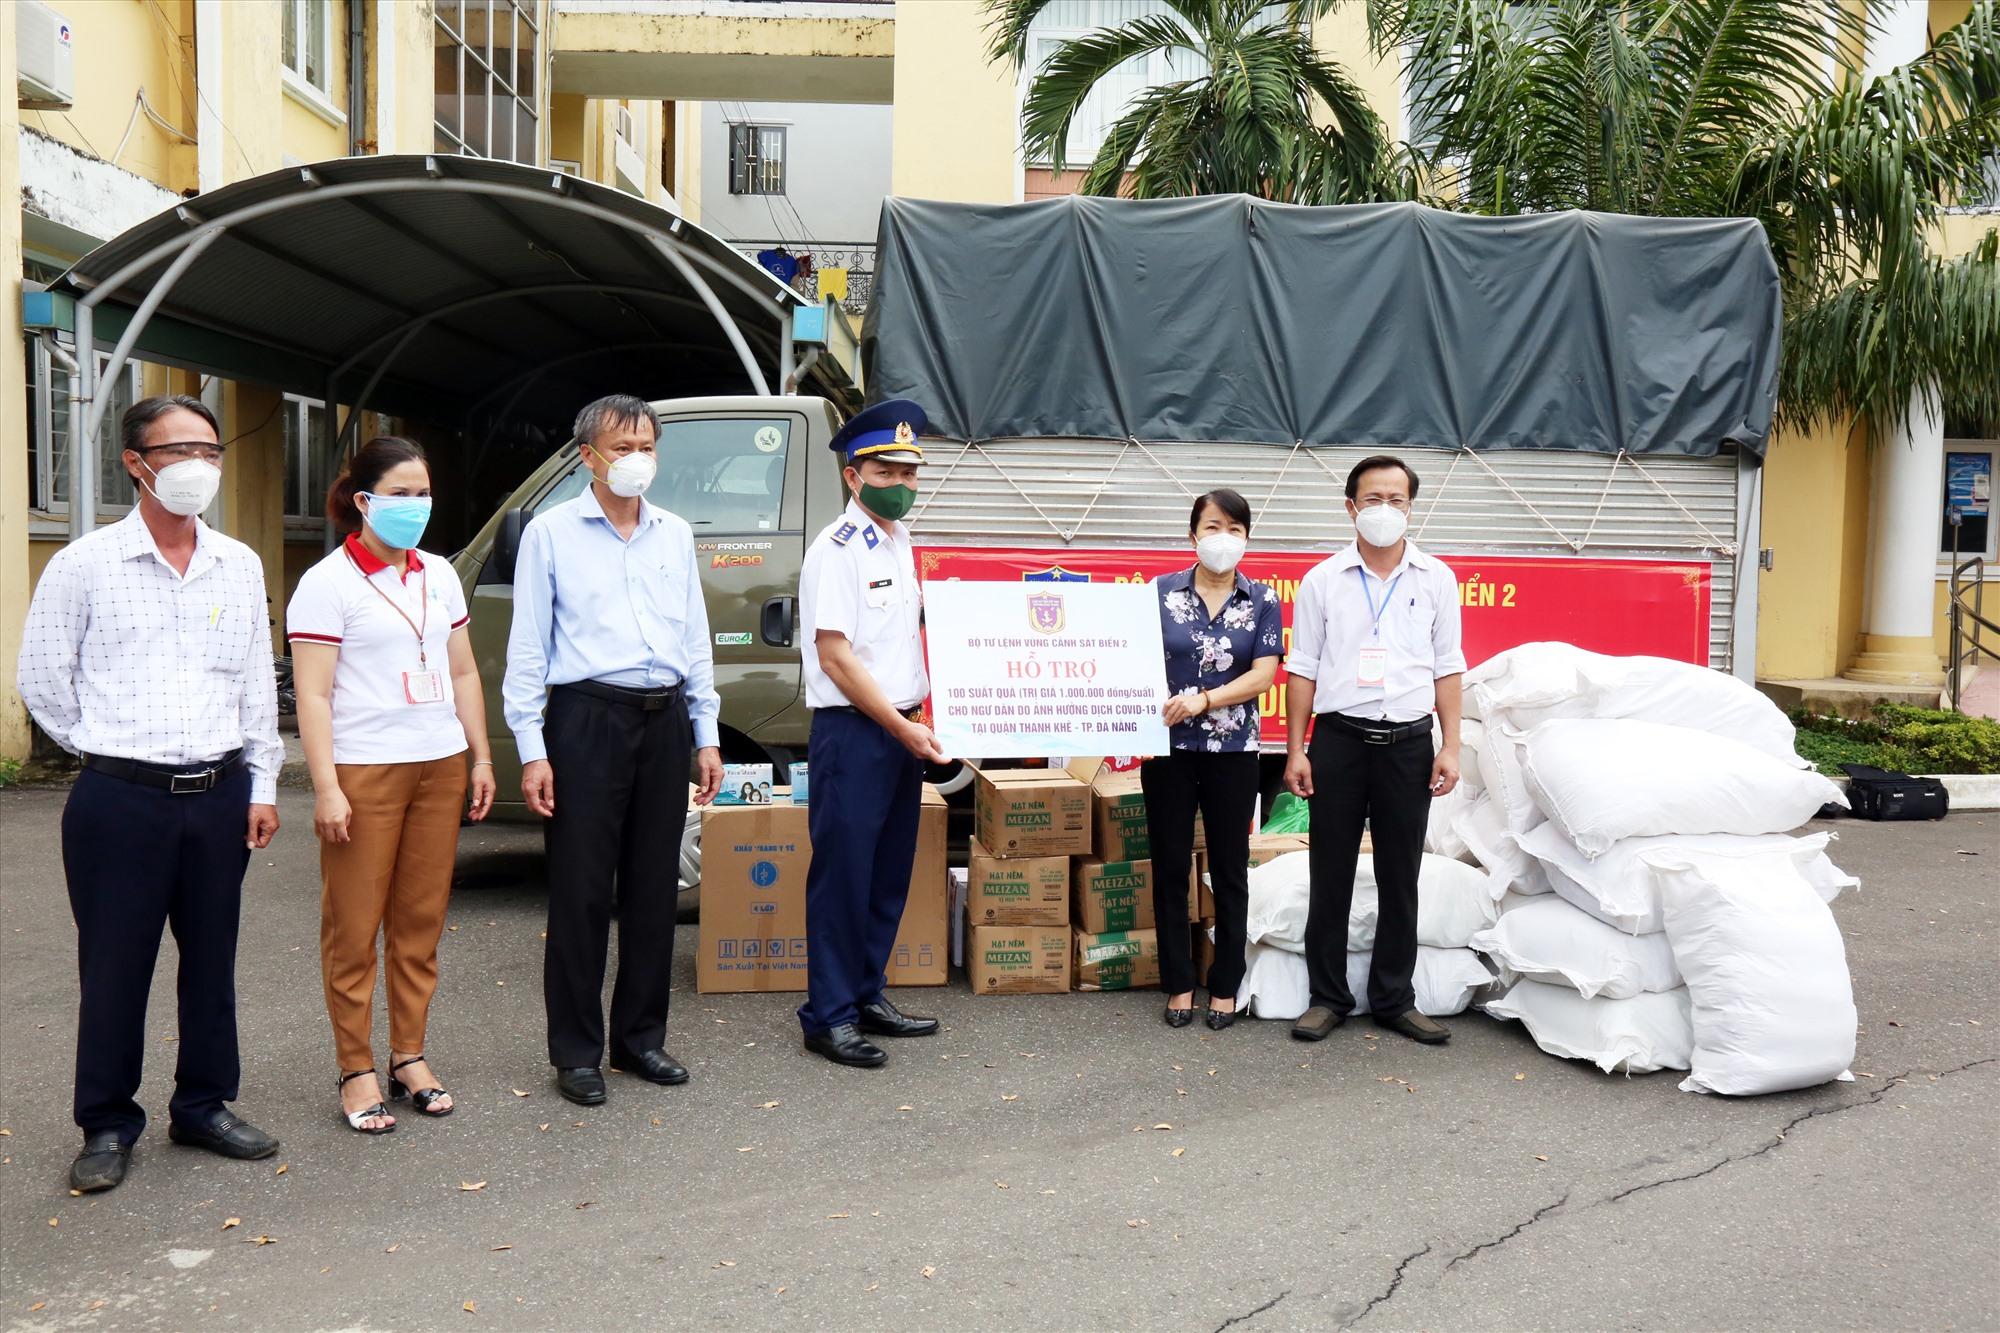 Bộ Tư lệnh Vùng Cảnh sát biển 2 trao quà hỗ trợ ngư dân Đà Nẵng. Ảnh: N.T